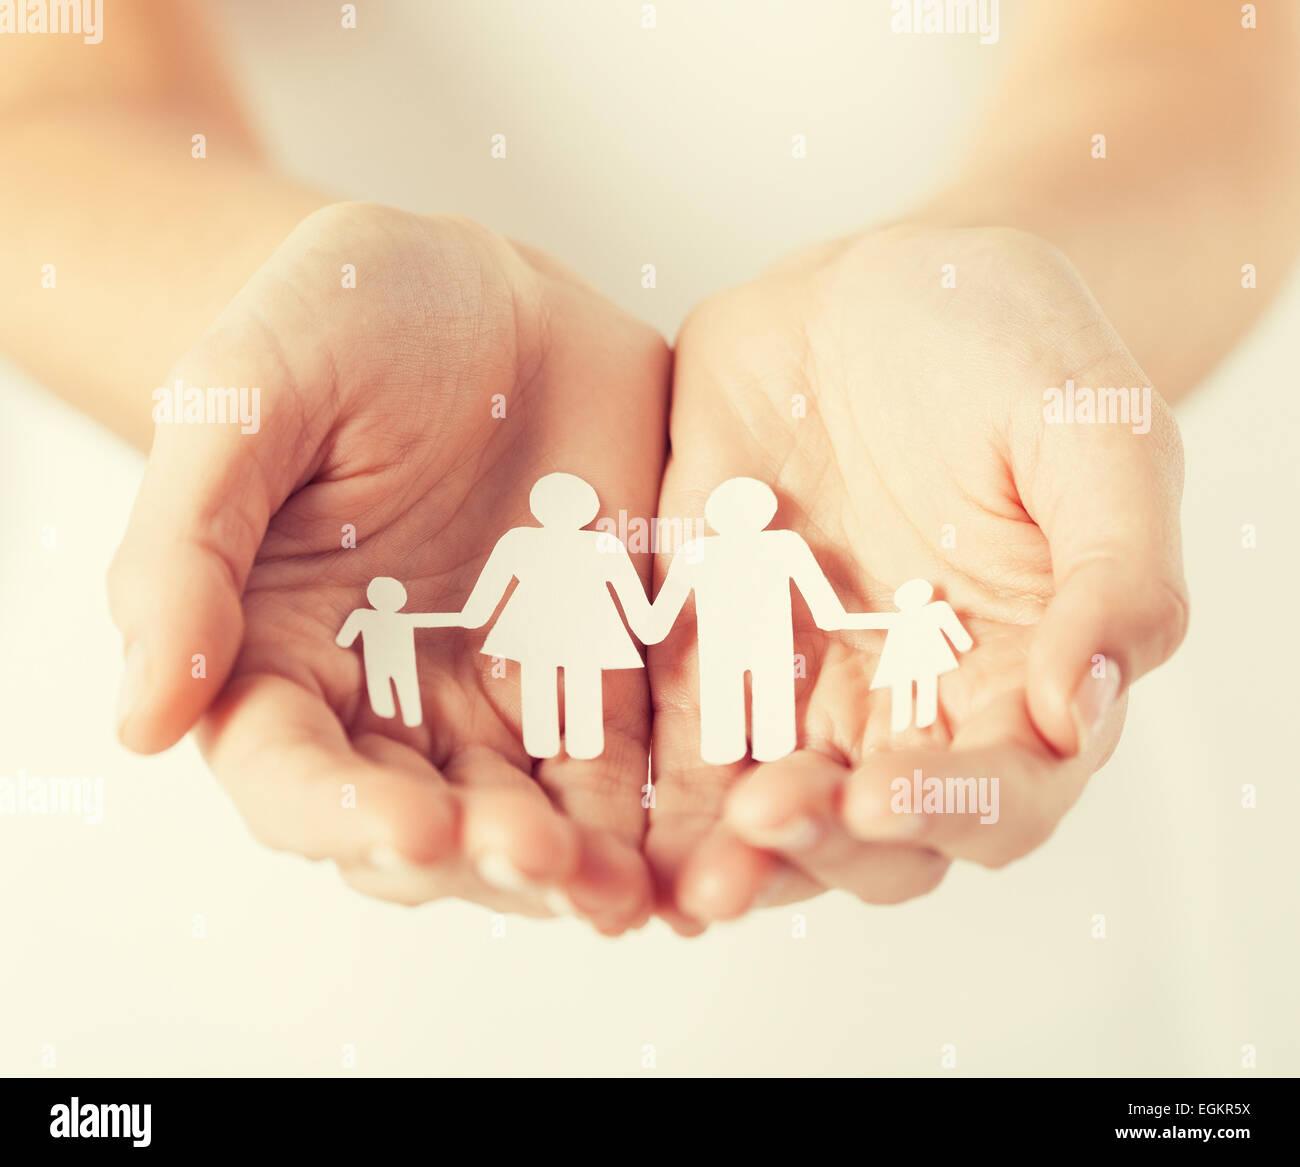 La main de l'homme papier womans family Photo Stock